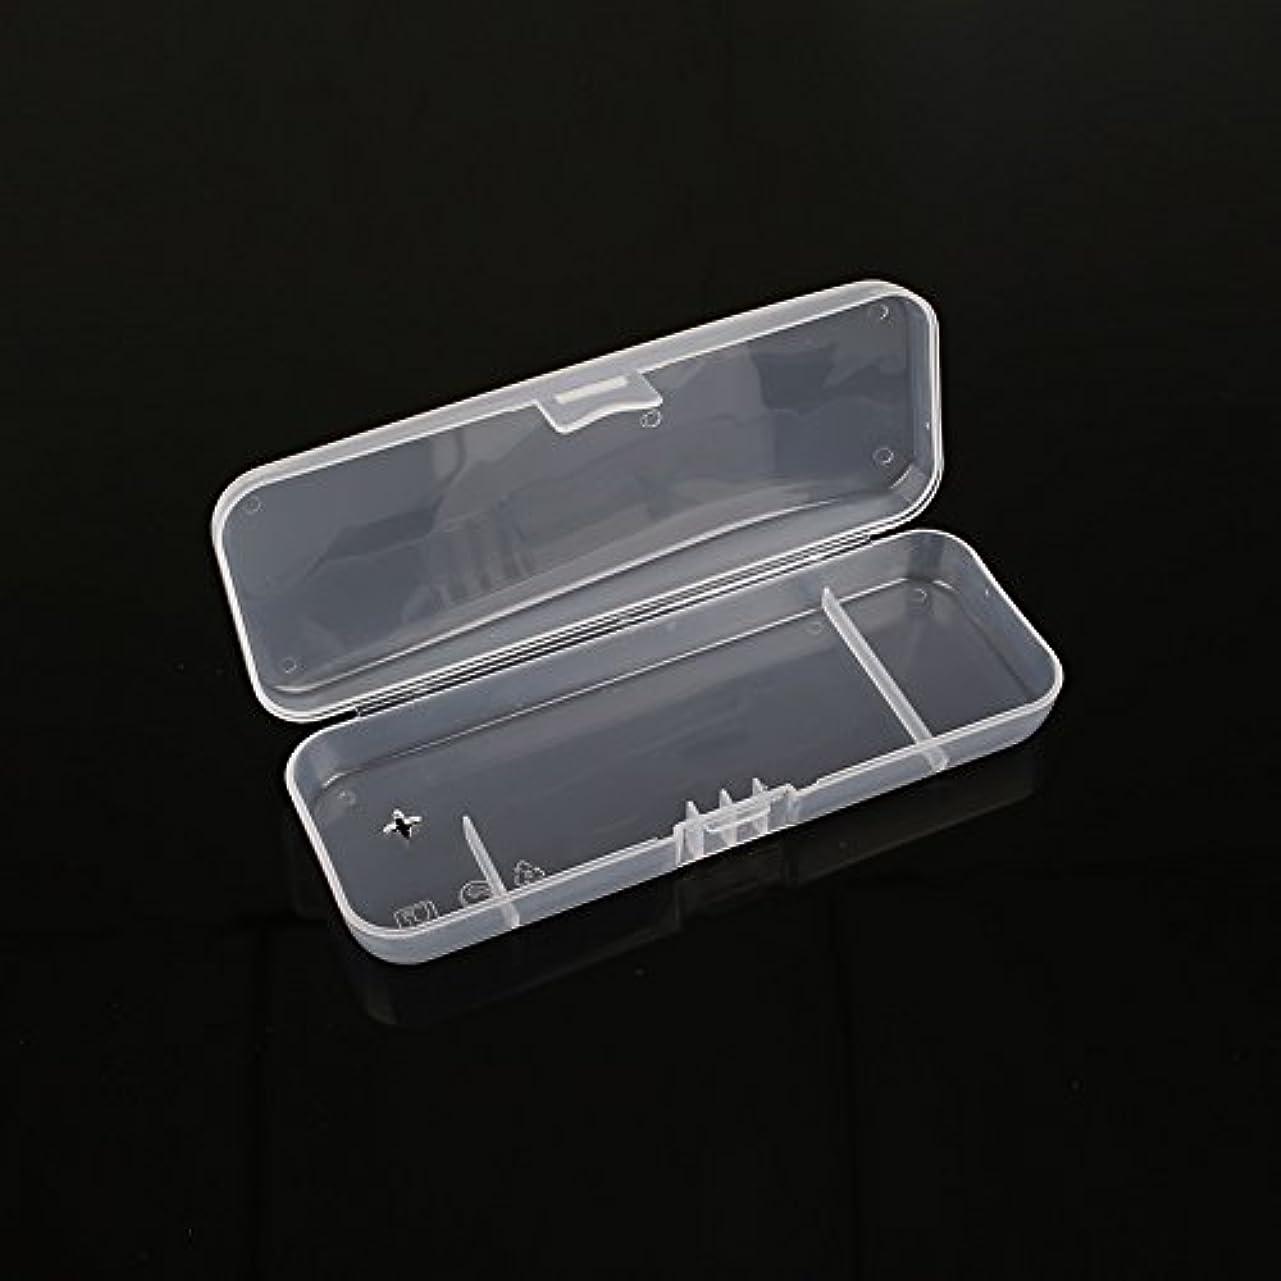 尽きる関数アラブ人キコード 白い透明 ポータブル シェービングボックス シェーバー用 トラベルレジャープロテクター